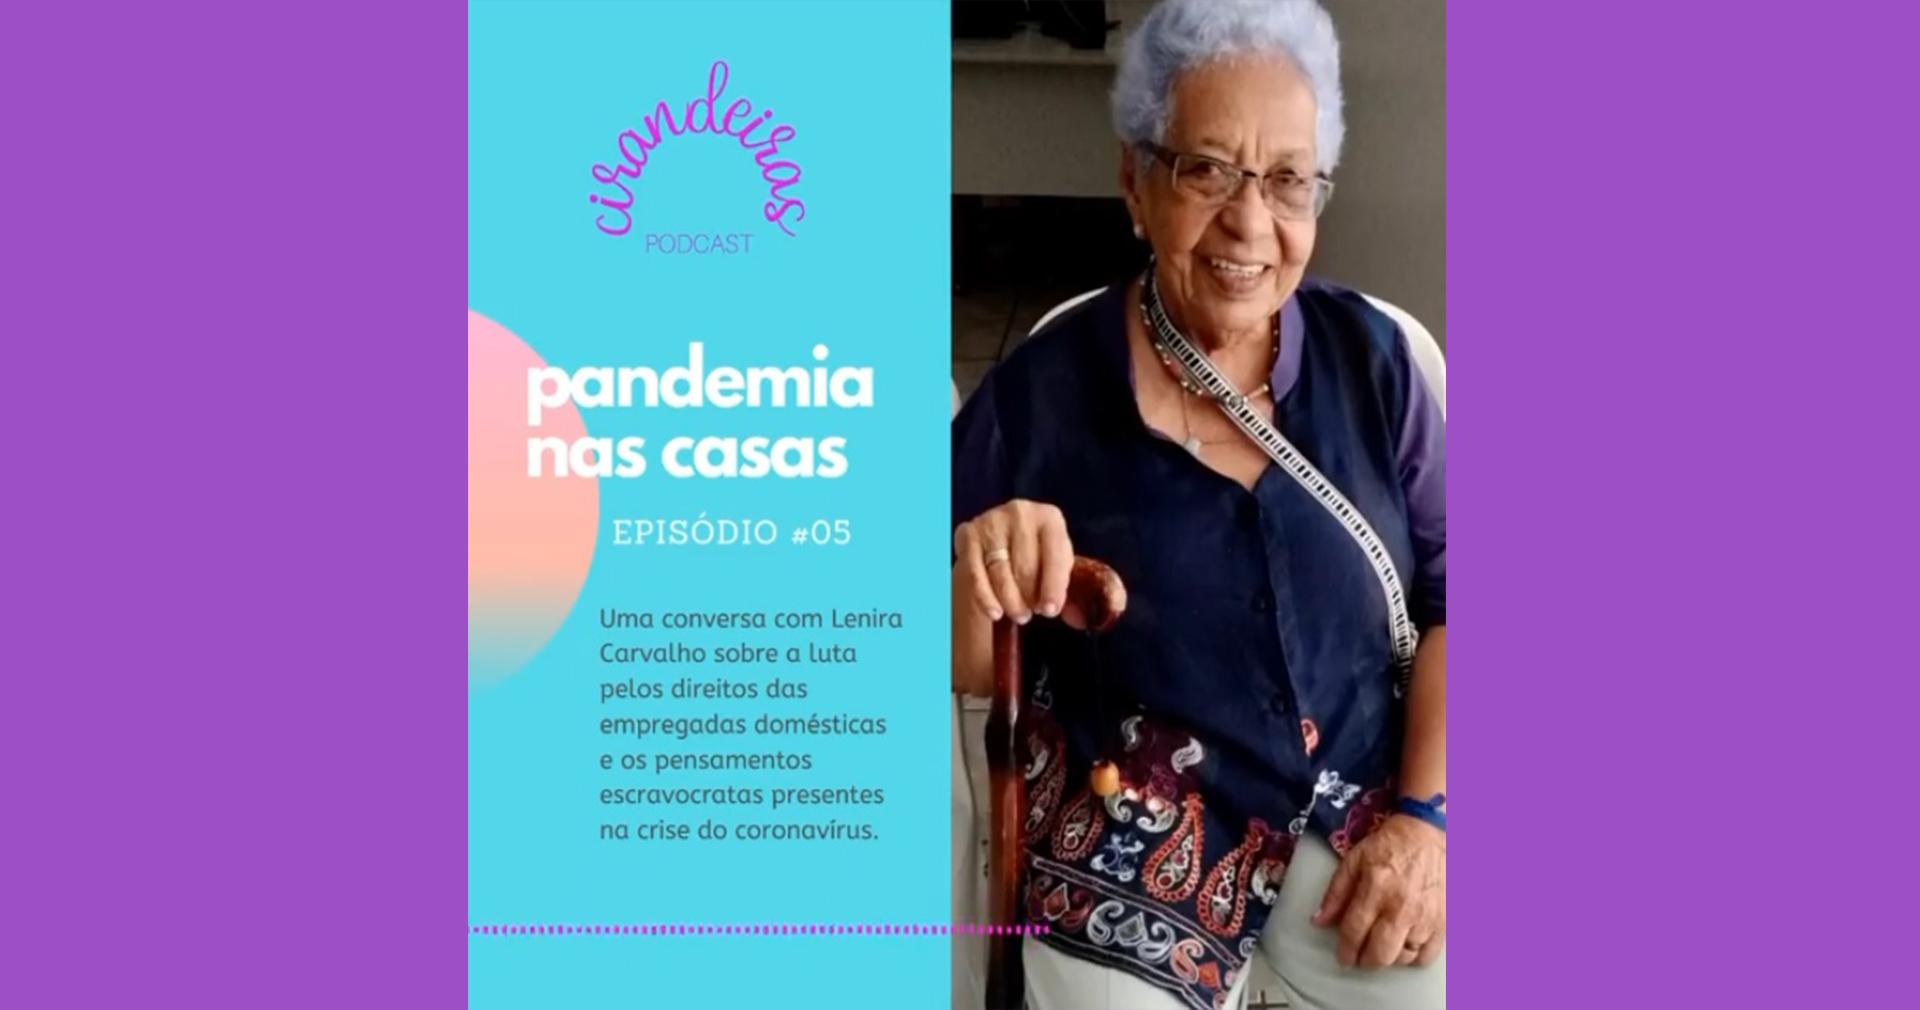 [Podcast] Pandemia nas casas – Uma conversa com Lenira Carvalho